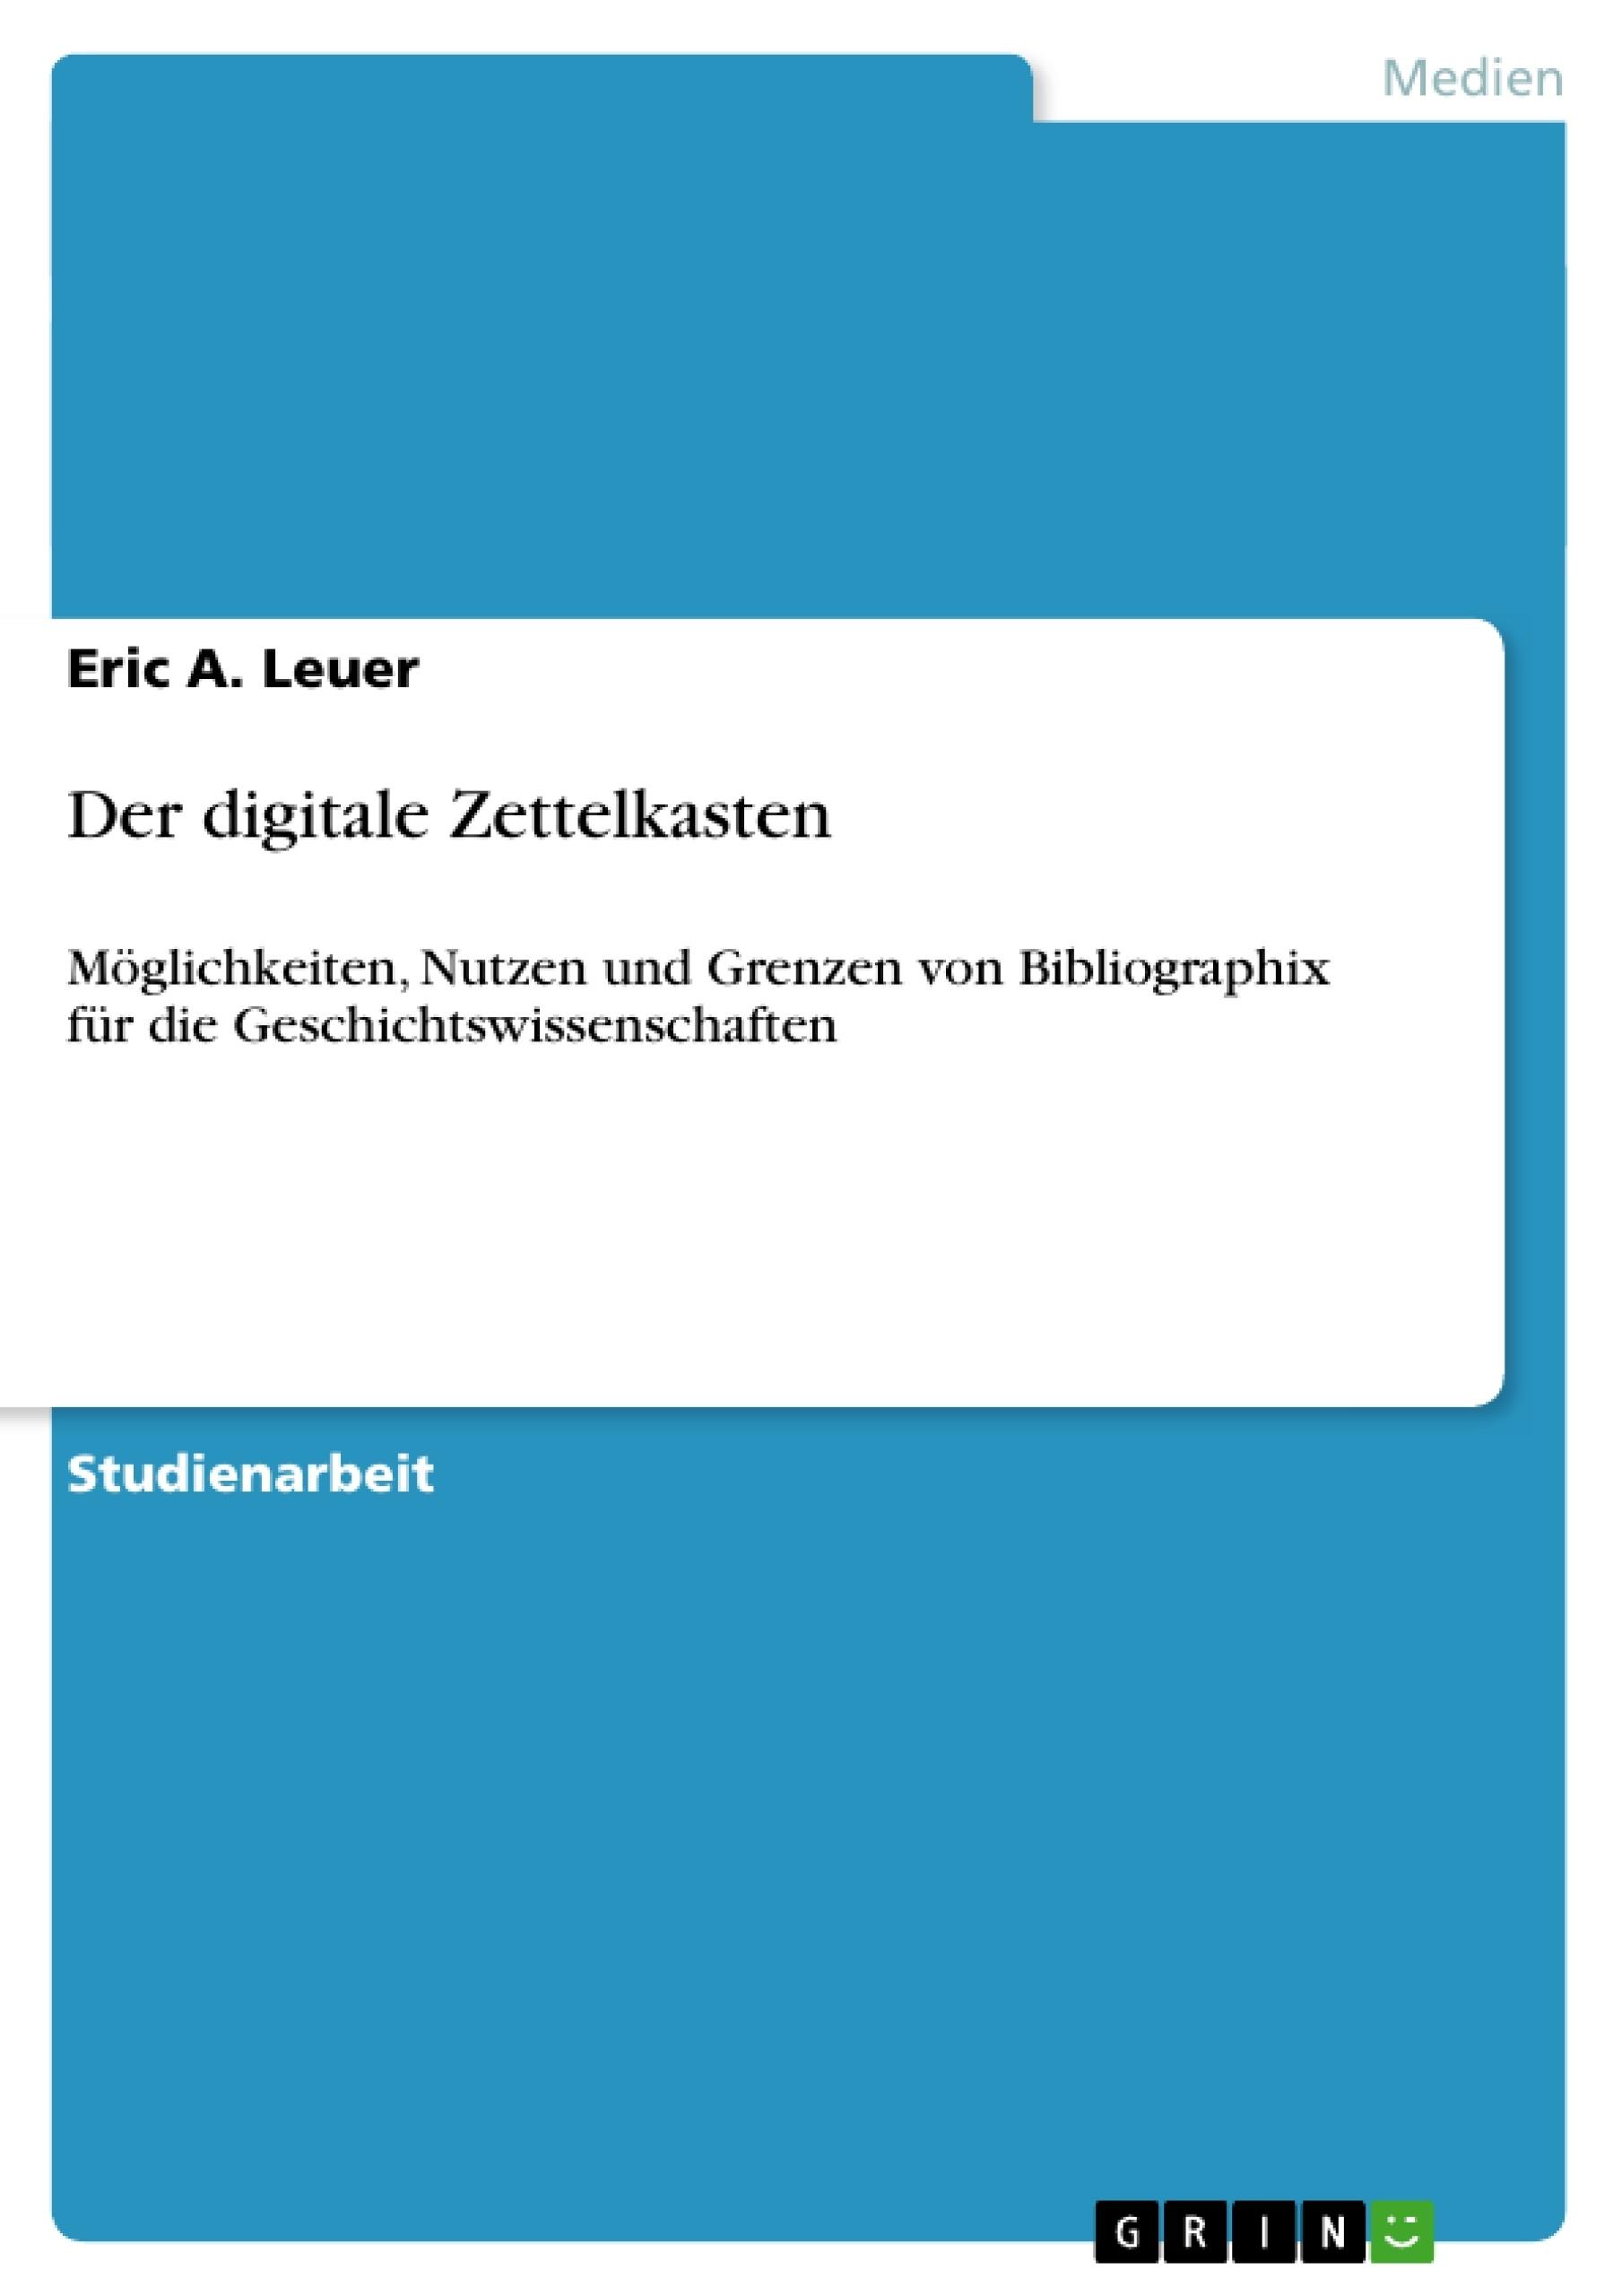 Titel: Der digitale Zettelkasten